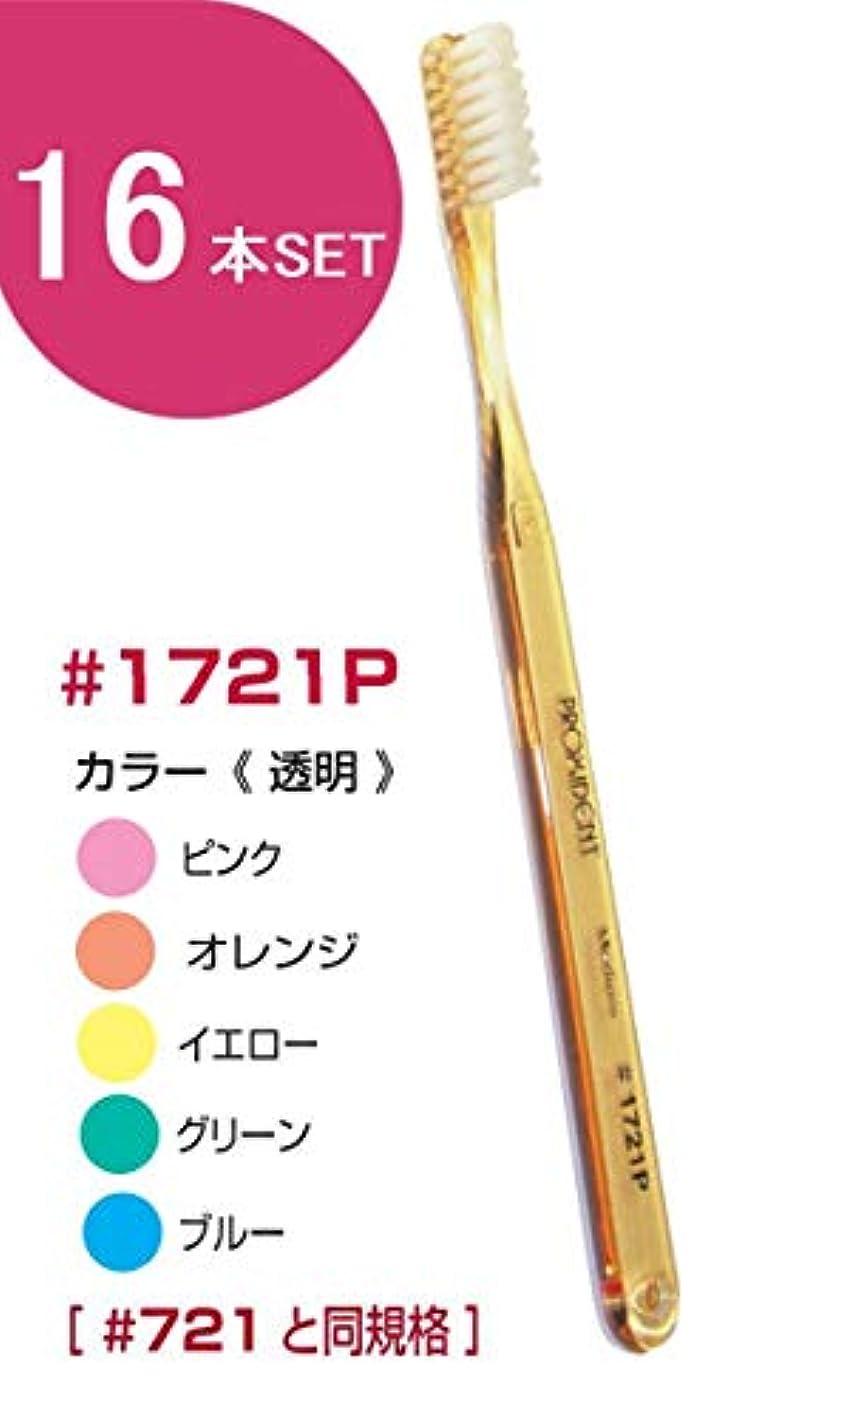 曲げるテニスしわプローデント プロキシデント スリムヘッド M(ミディアム) #1721P(#721と同規格) 歯ブラシ 16本